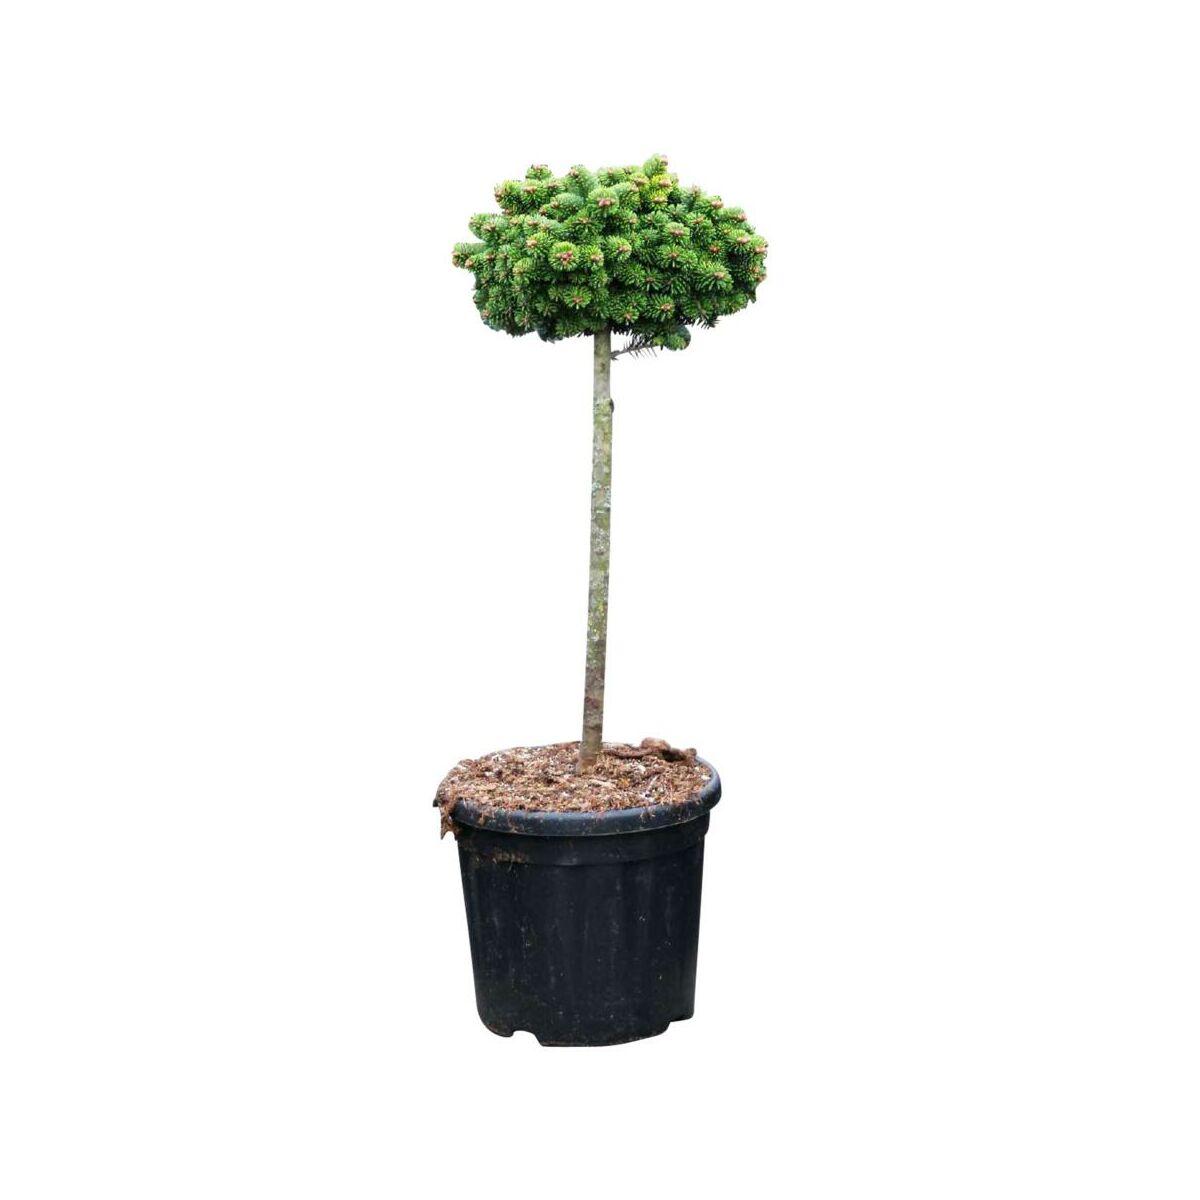 Krzew Jodla Kaukaska Kate Brook Forma Pienna 50 60 Cm Drzewa Ozdobne W Atrakcyjnej Cenie W Sklepach Leroy Merlin